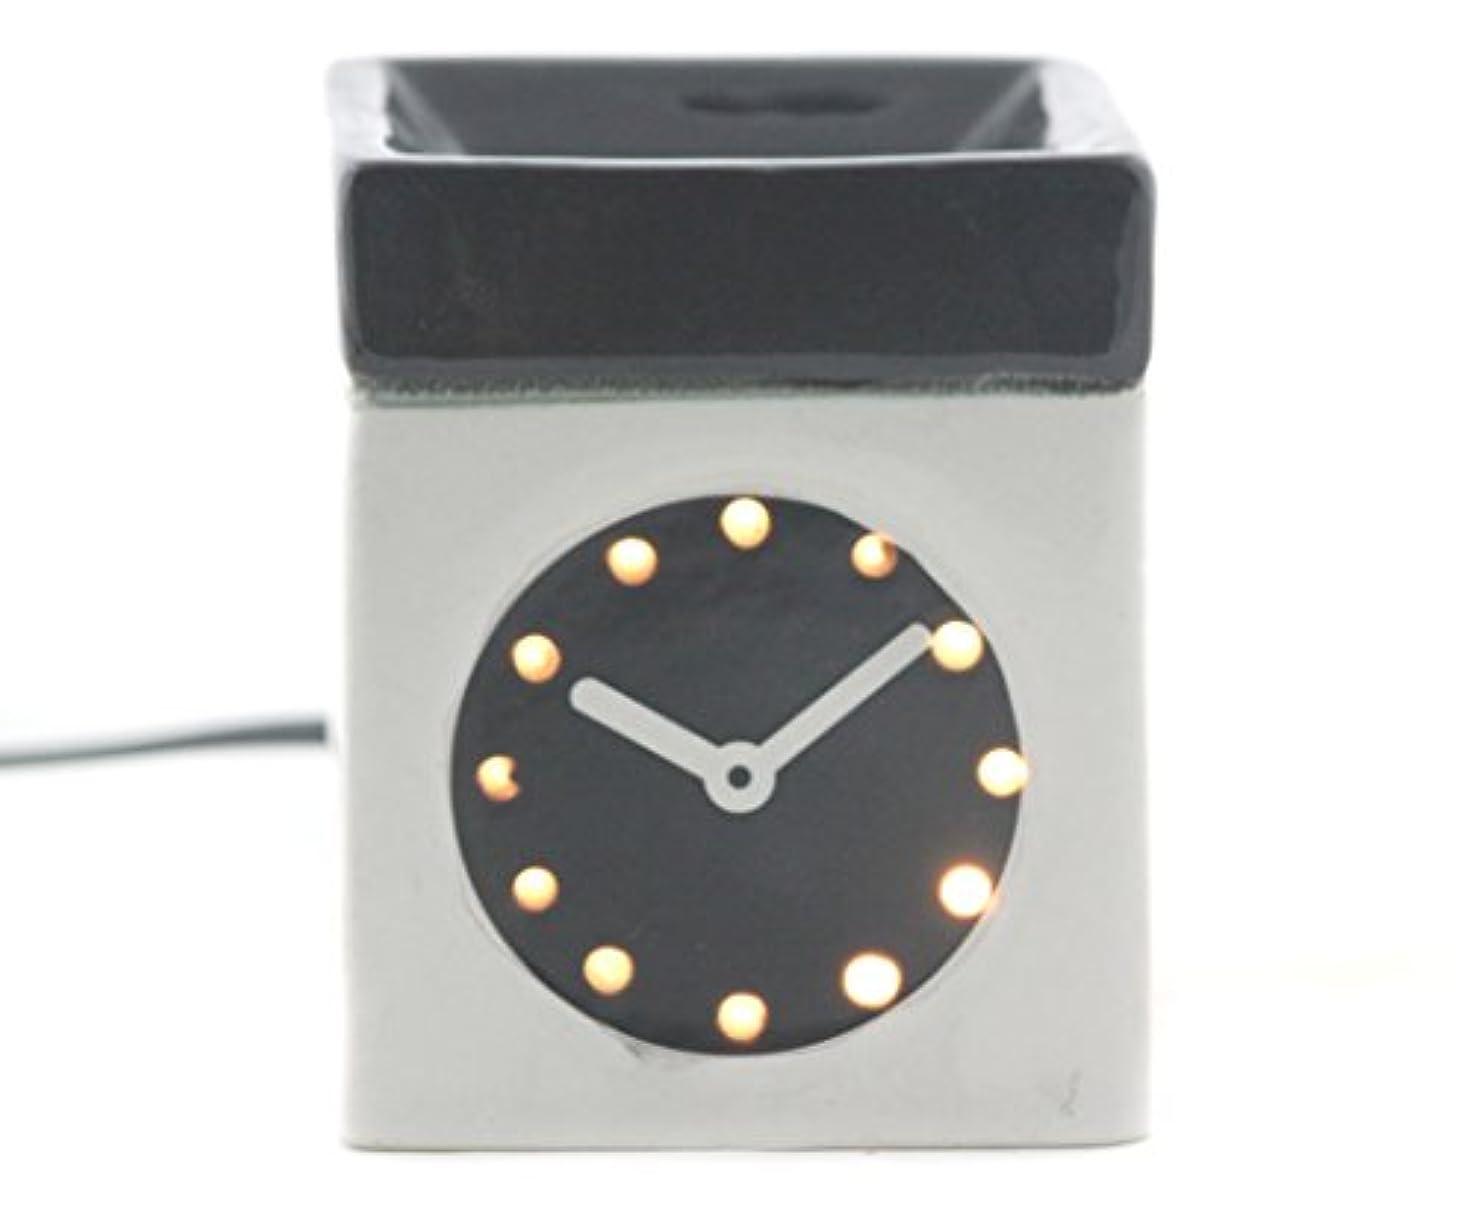 するだろう現像異議Karguzzari セラミック 電気 アロマディフューザー ワイヤー オイルウォーマー ディスペンサー コード付き アロマ オイルバーナー エッセンシャルオイル ディフューザー アロマセラピー ランプ 腕時計 OCER-105